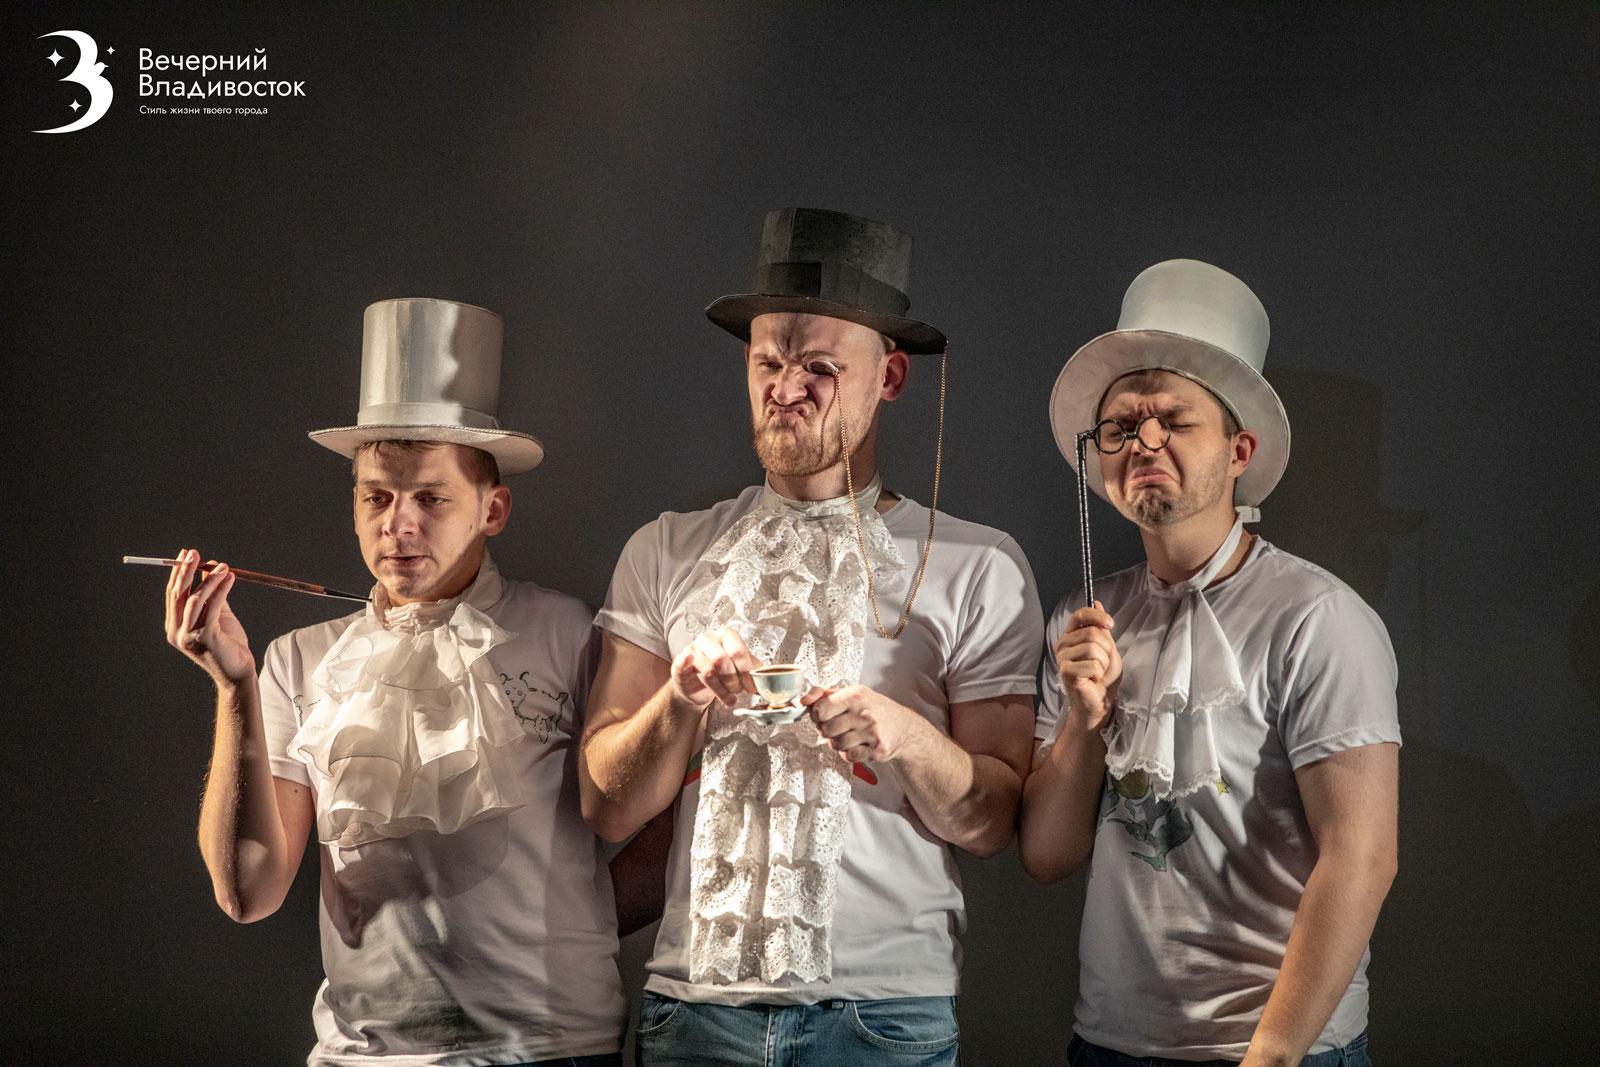 Автор фотографии Дмитрий Раймон, г. Владивосток, Приморский краевой драматический театр молодежи